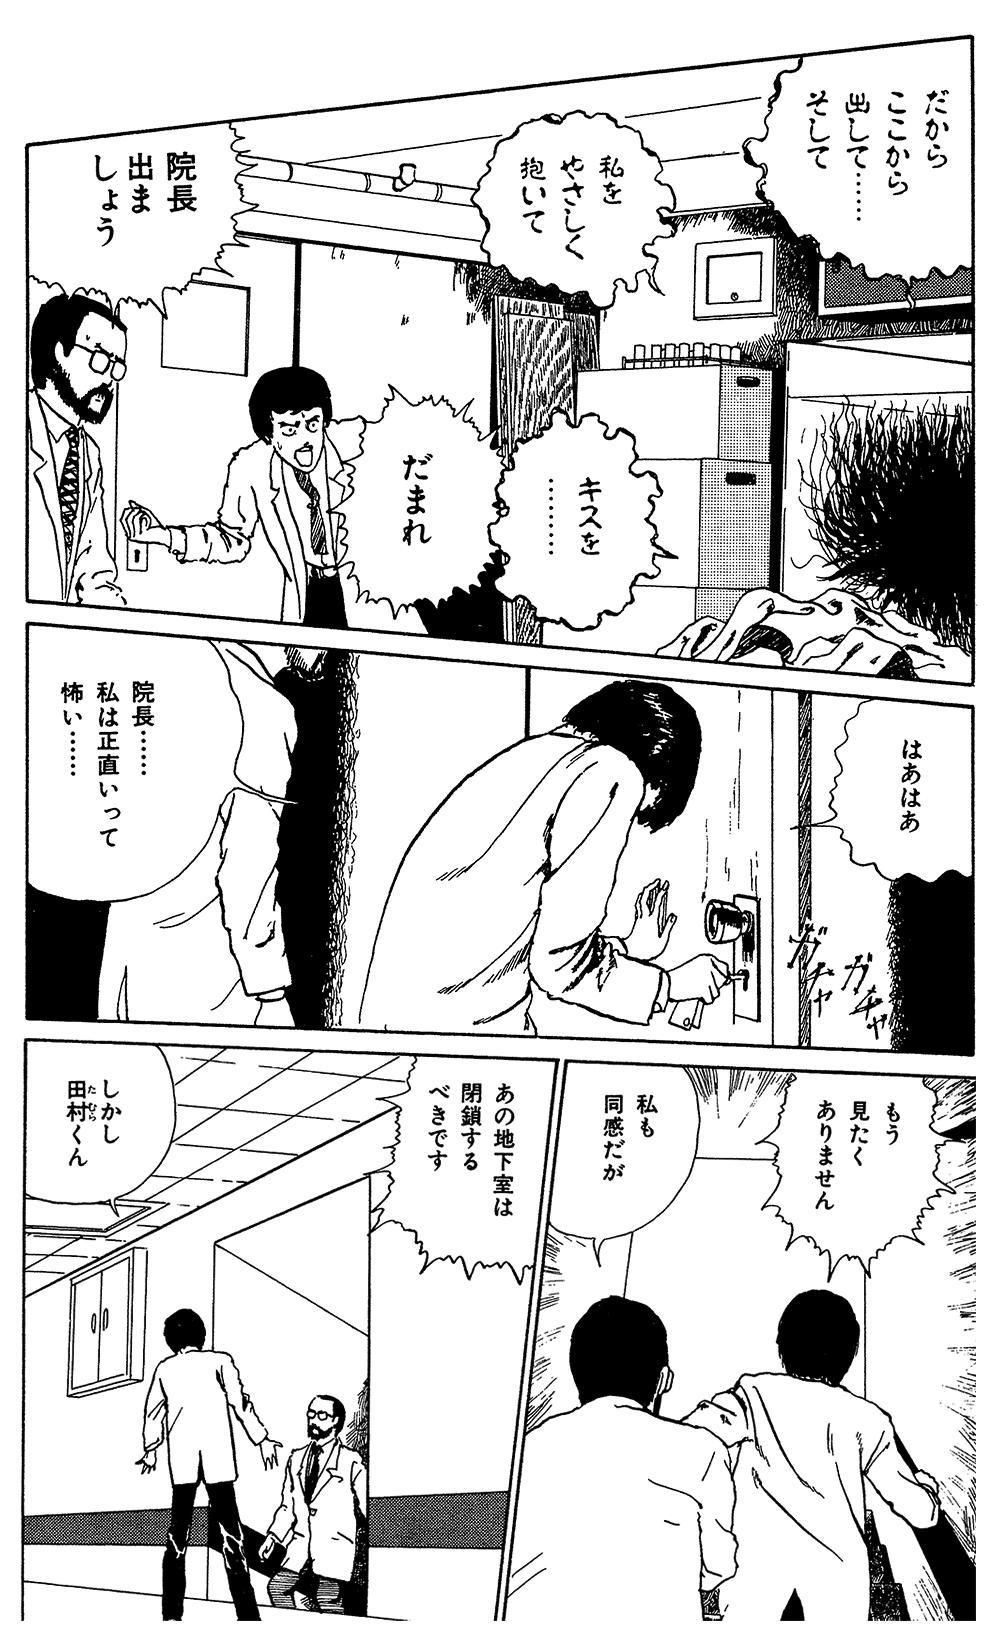 伊藤潤二傑作集 第3話「富江 地下室」②junji07-07.jpg